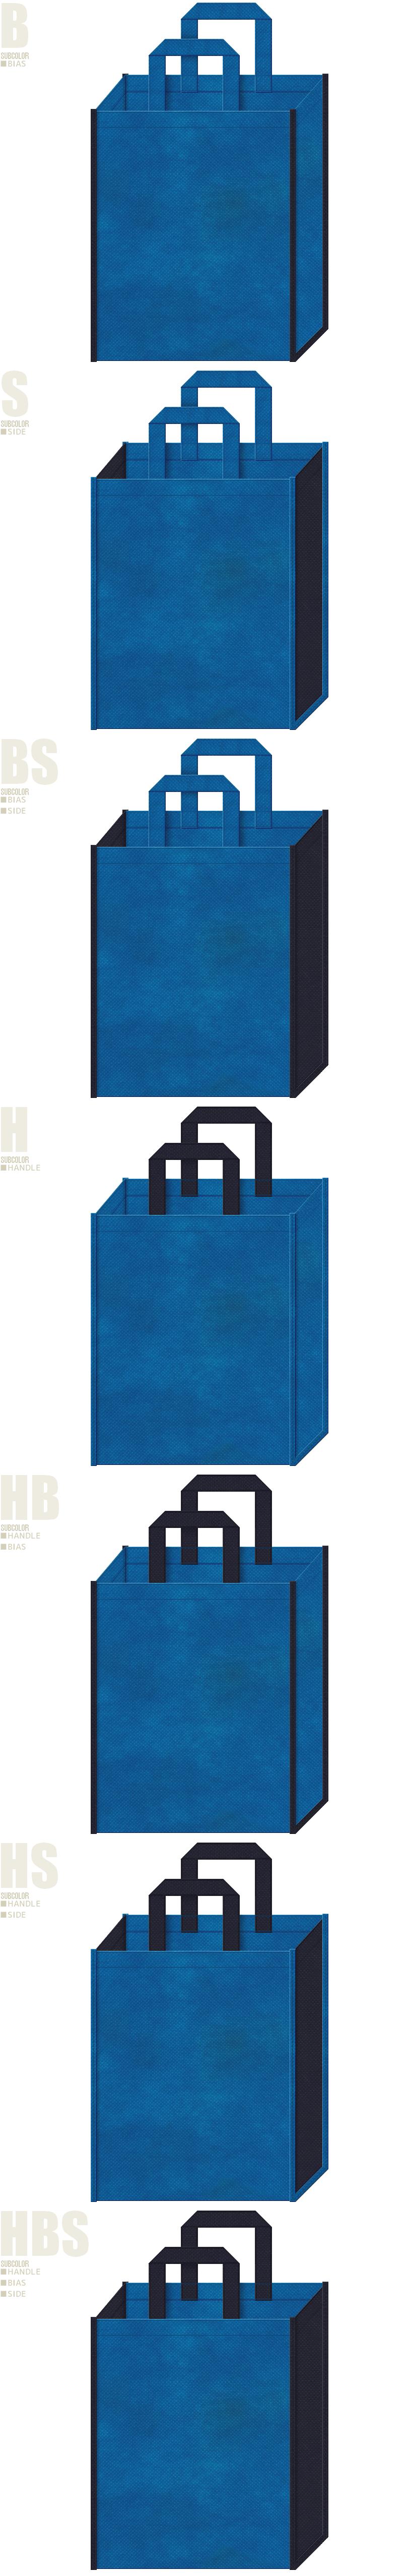 青色と濃紺色-7パターンの不織布トートバッグ配色デザイン例